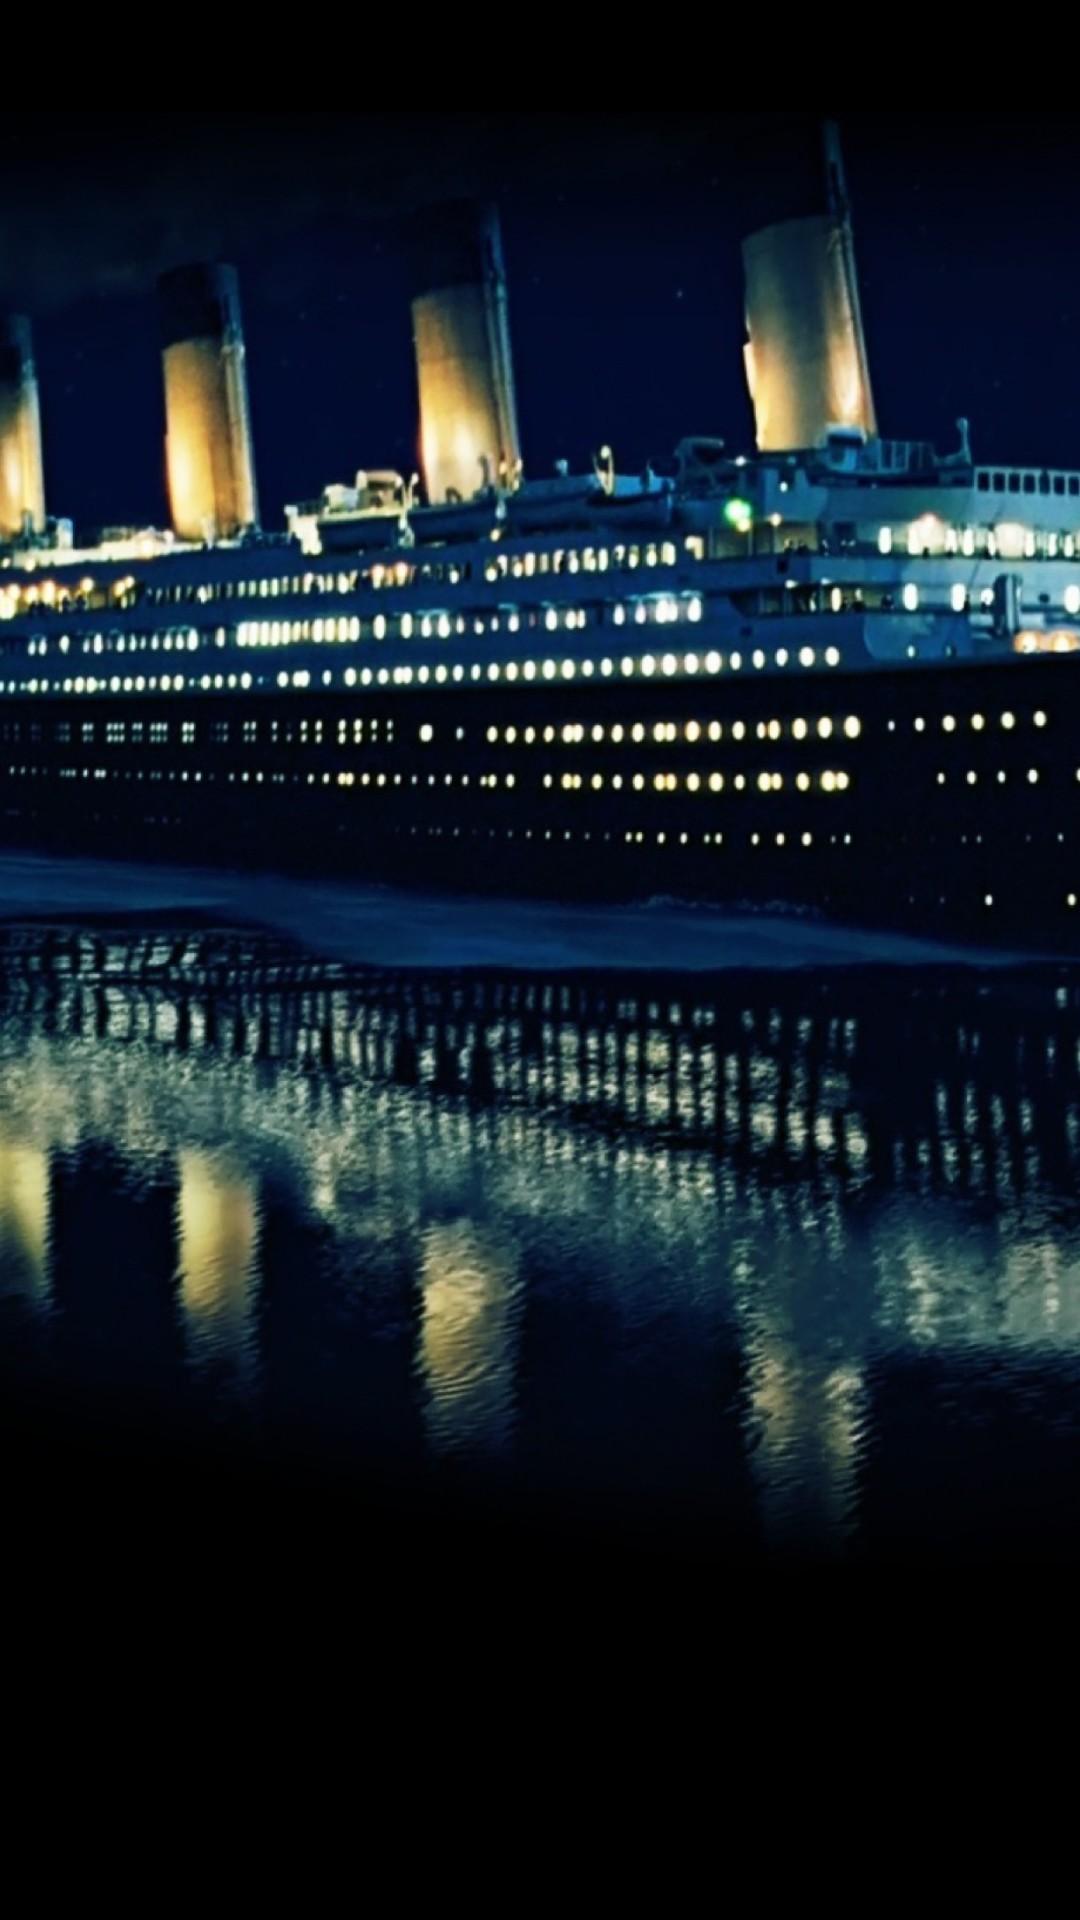 3d Hd Live Wallpaper Apk Titanic Wallpaper 77 Images